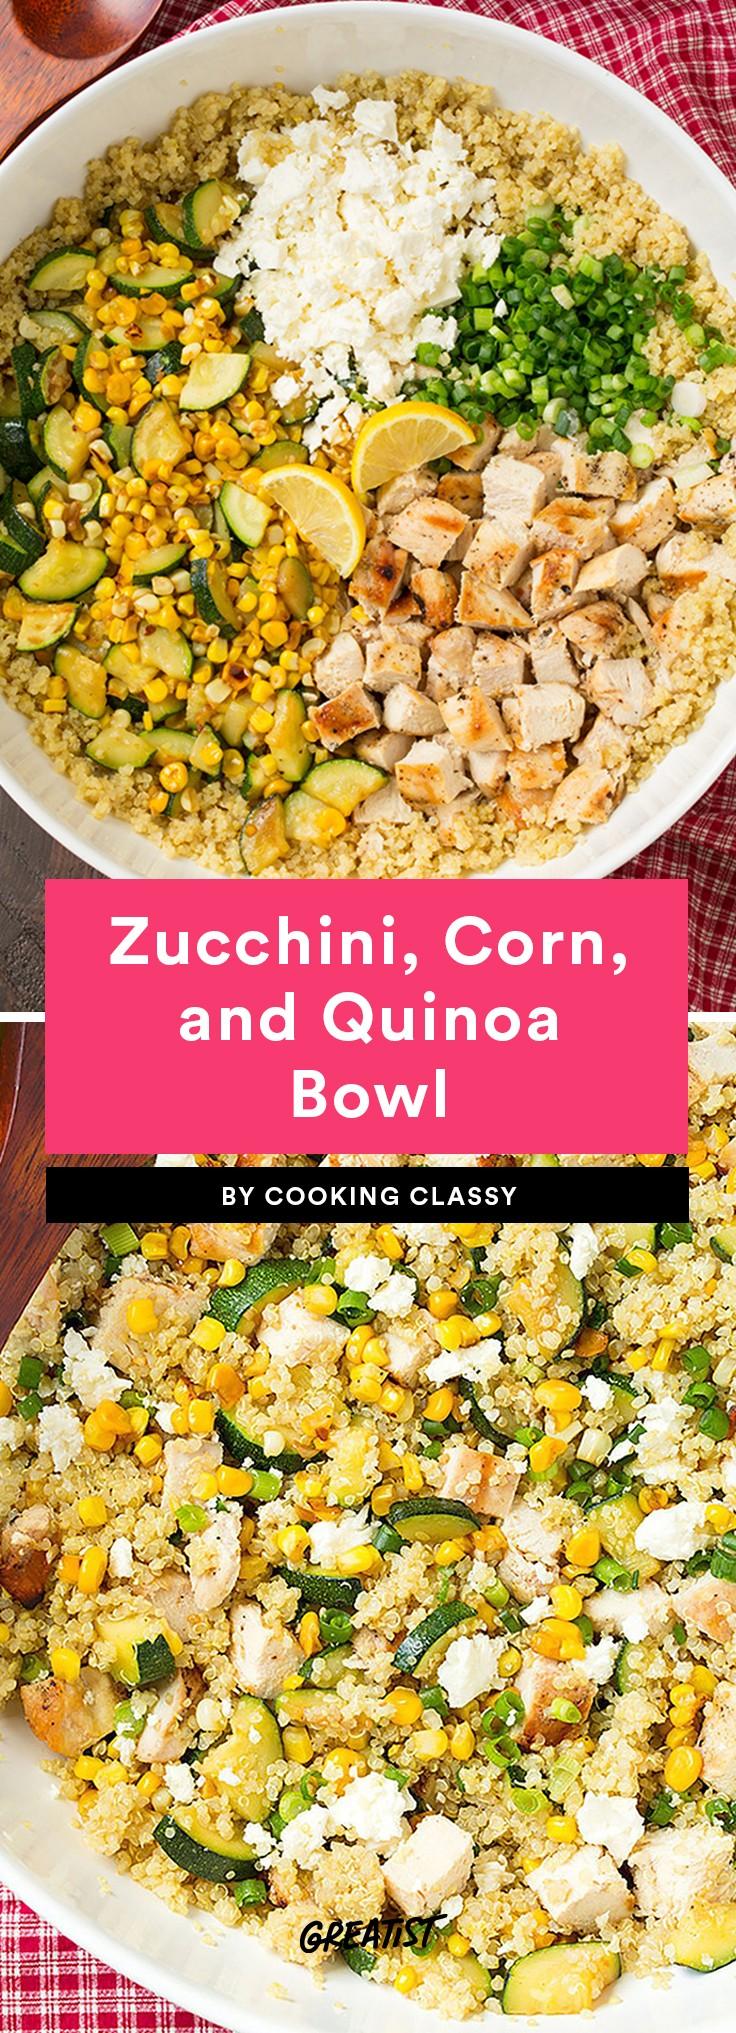 Zucchini, Corn, and Quinoa Bowl